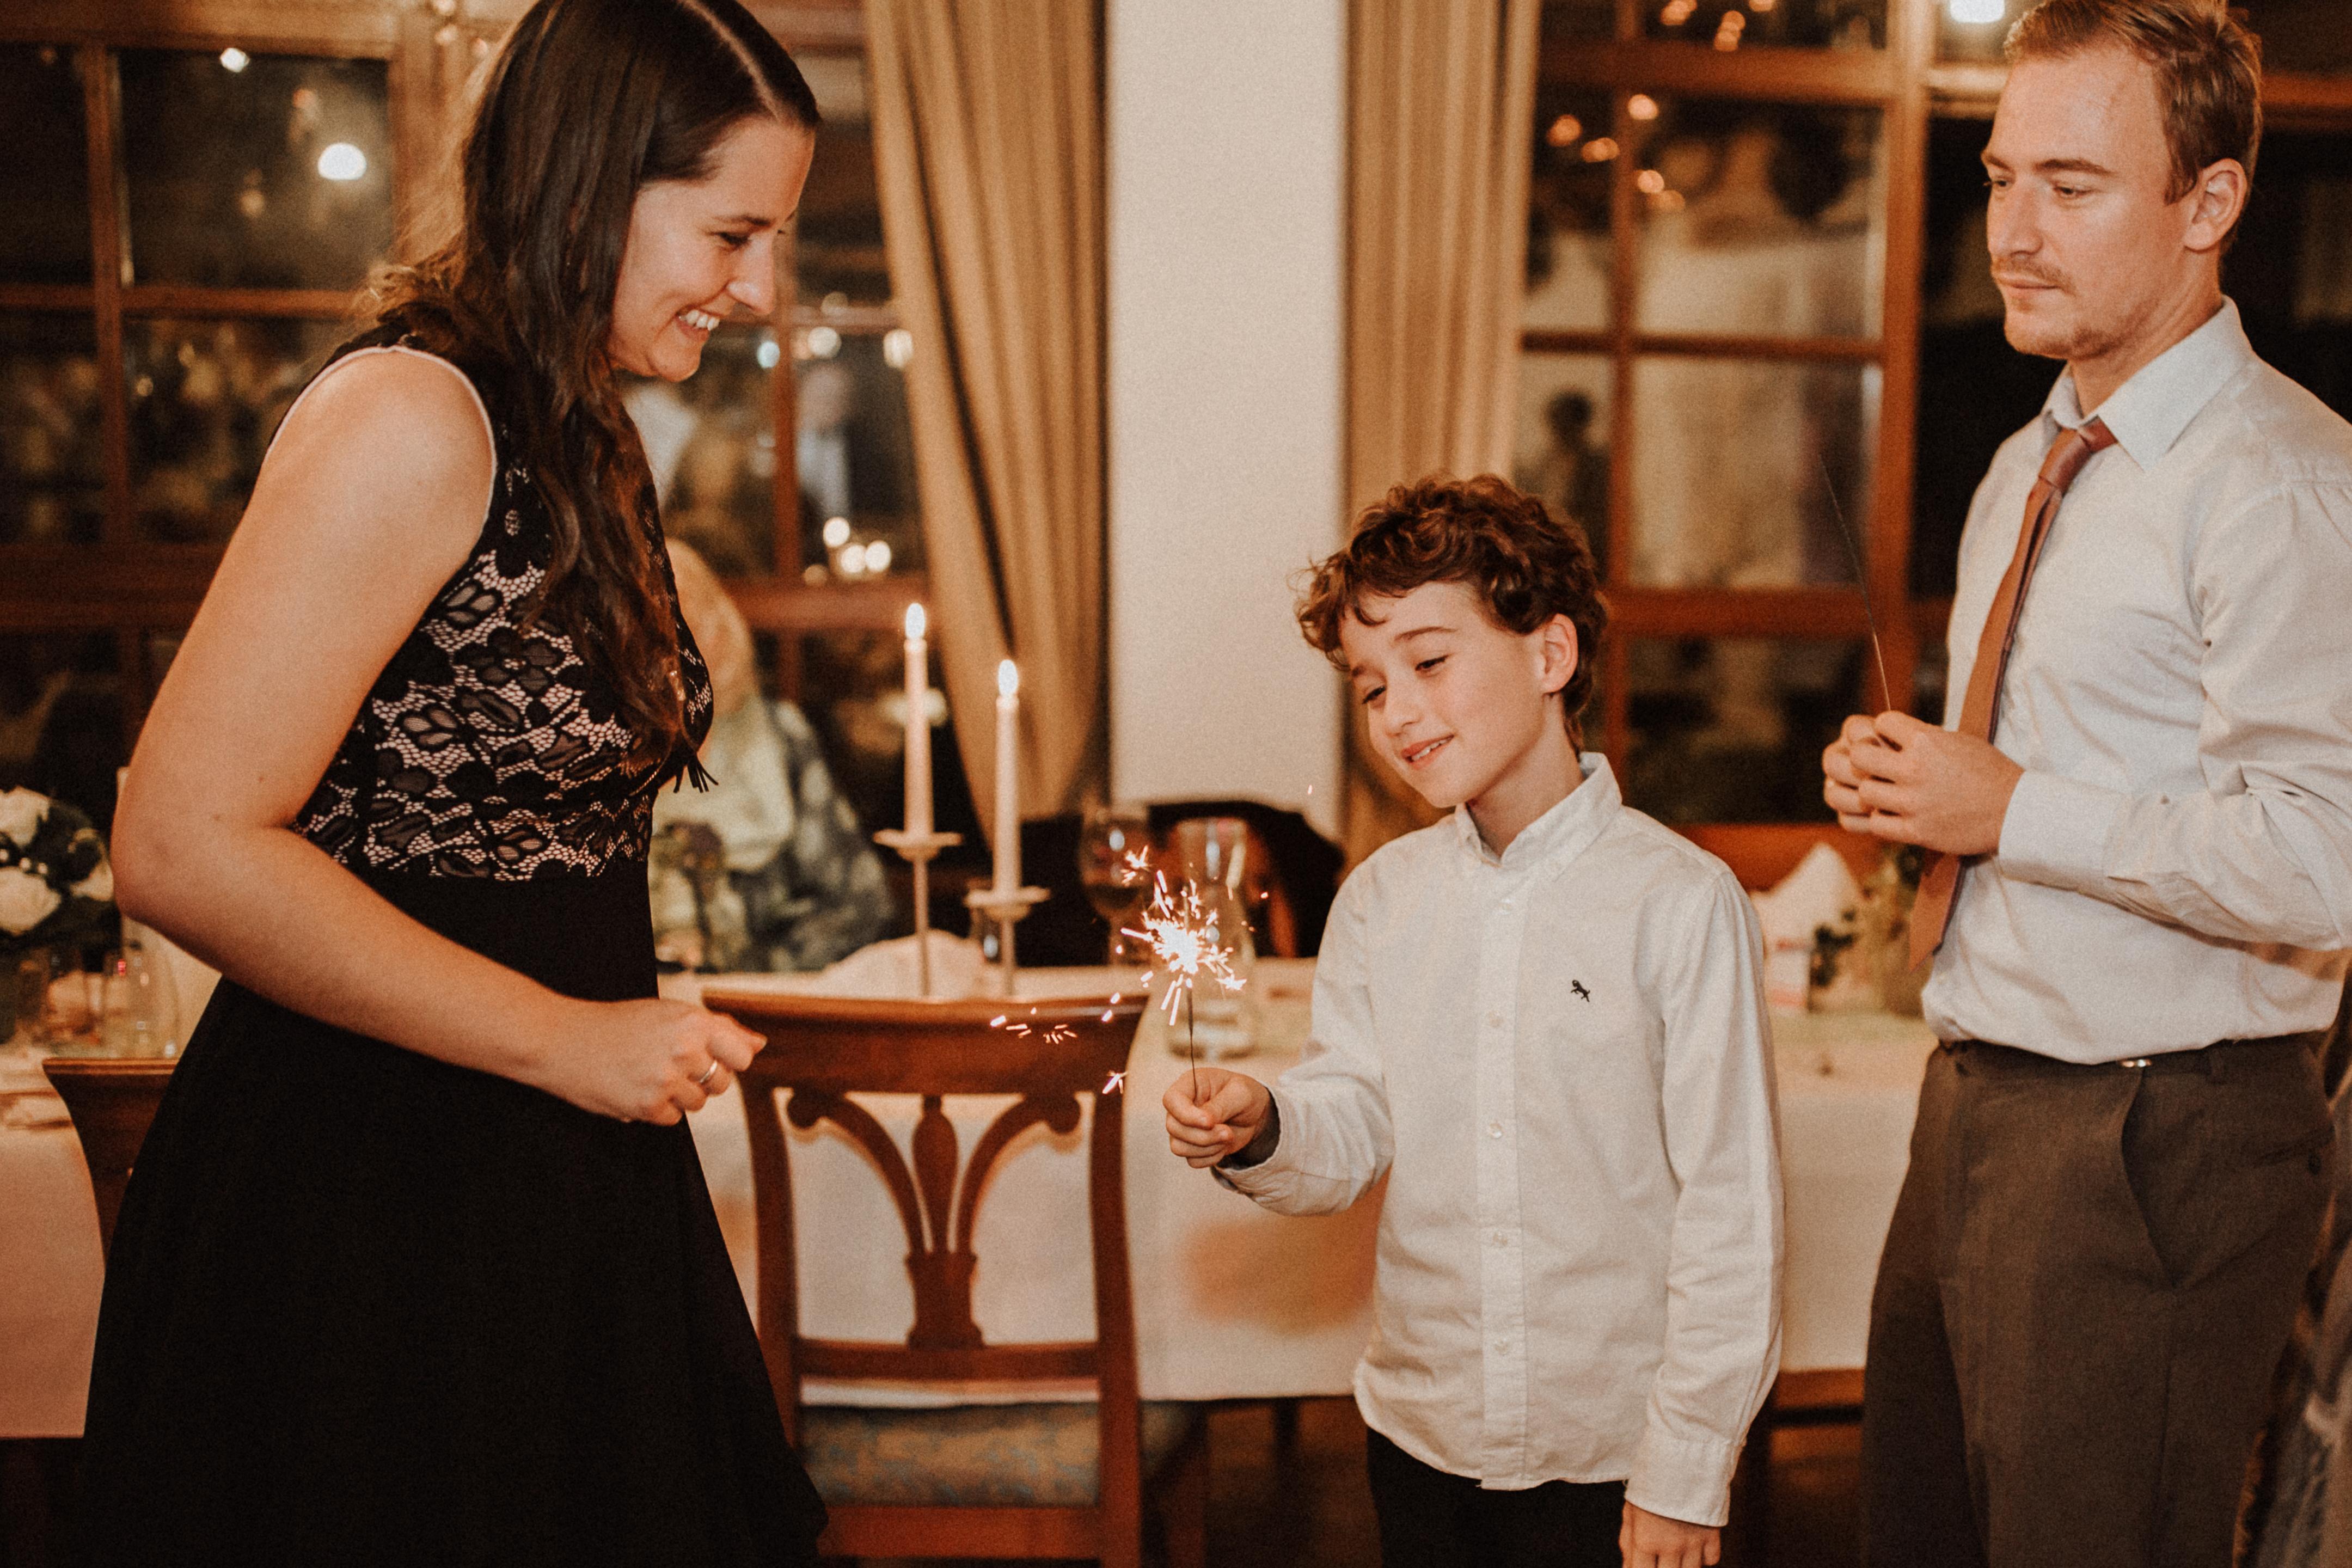 URBANERIE_Daniela_Goth_Hochzeitsfotografin_Nürnberg_Fürth_Erlangen_Schwabach_171007_1916